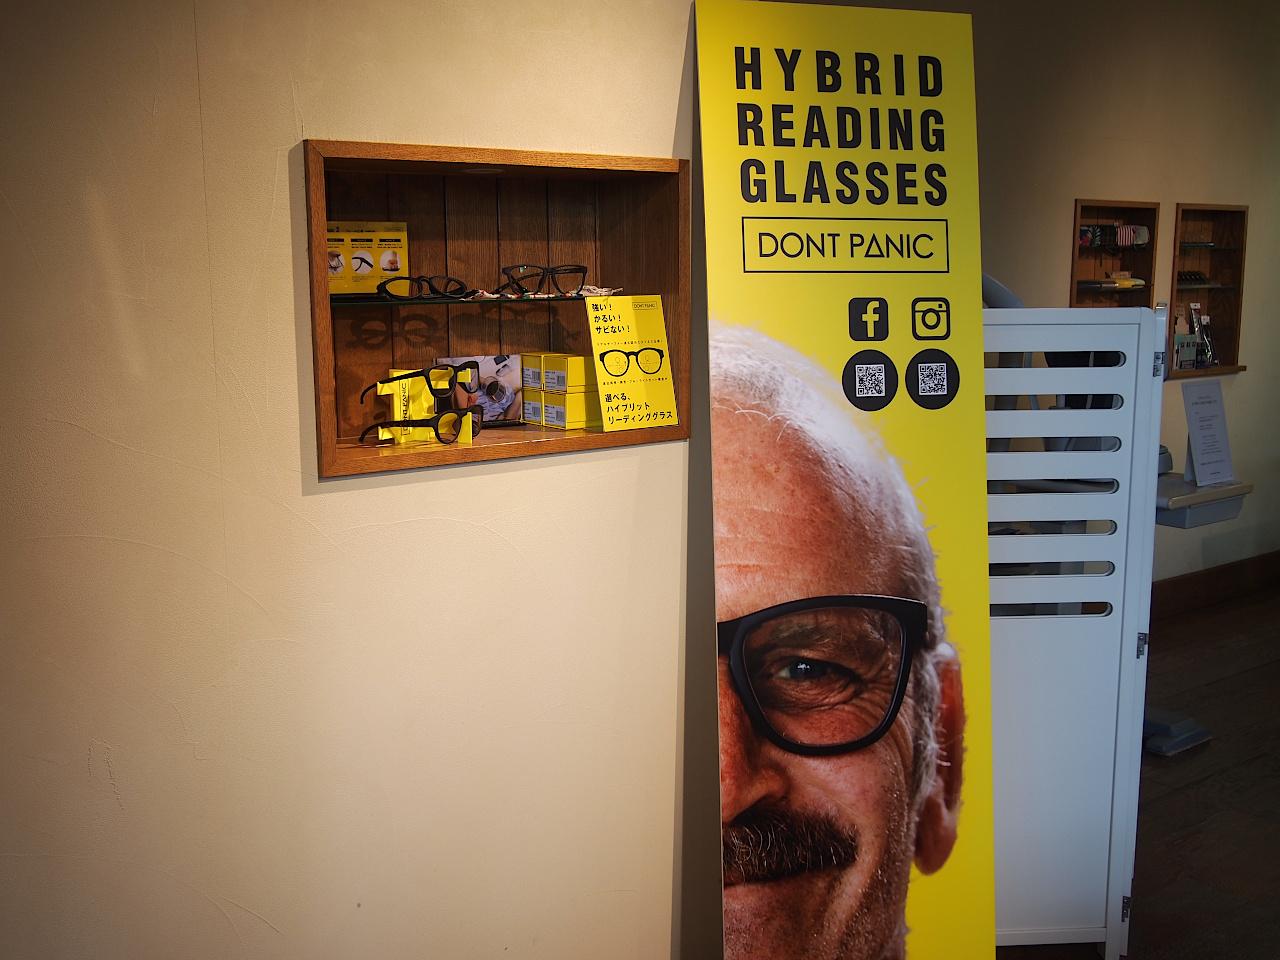 海野眼鏡店のご紹介 | おしゃれでカッコいいと人気の老眼鏡「DONT PANIC」ございます!